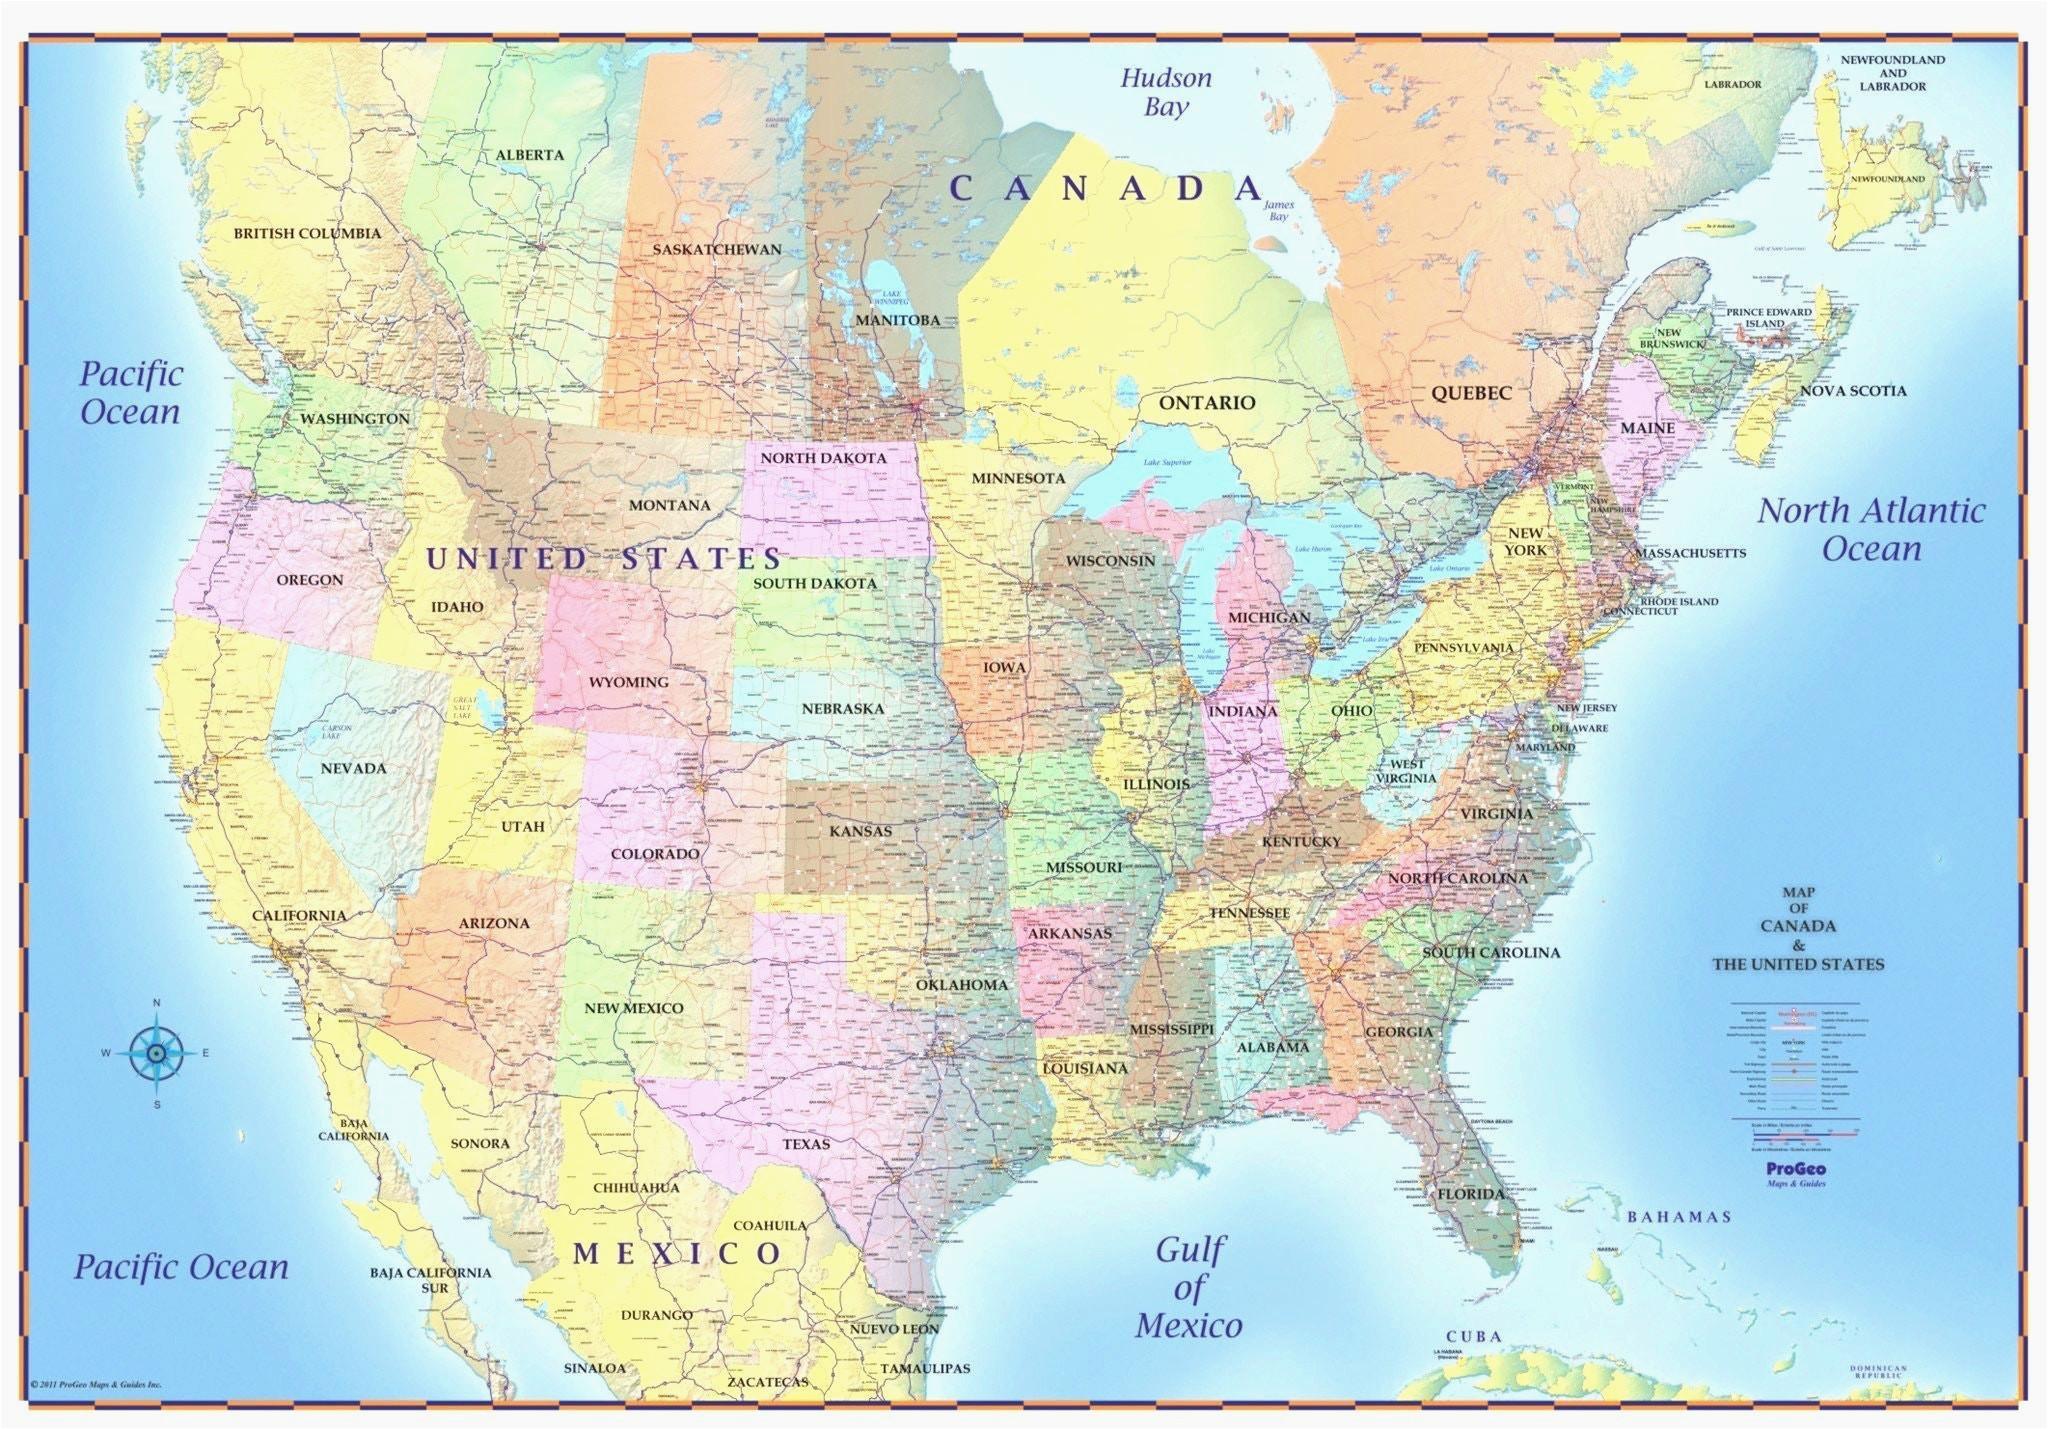 Canada and Usa Border Map | secretmuseum